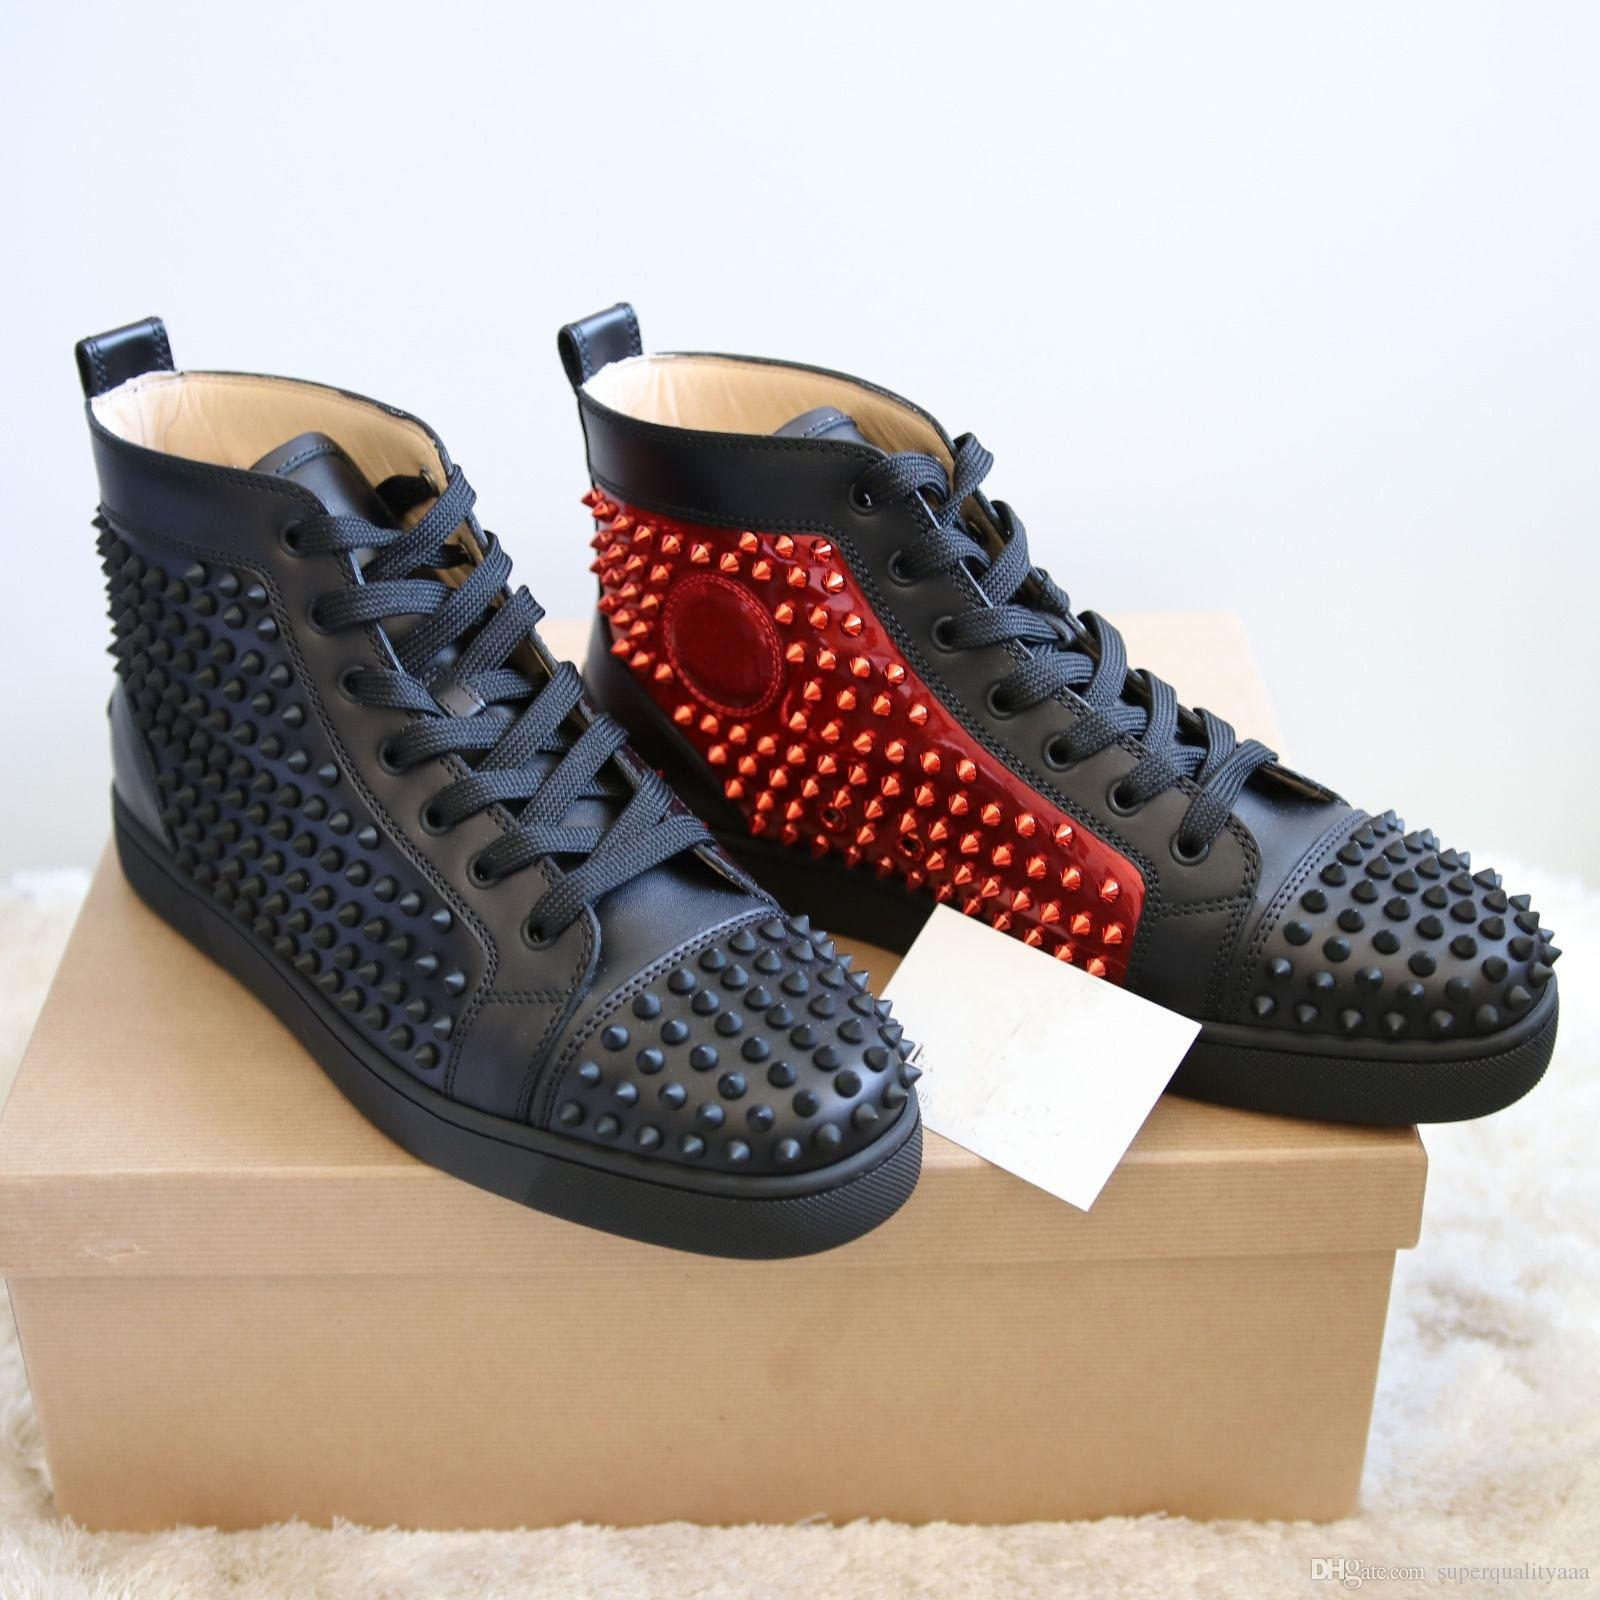 2019 Yüksek Kalite Marka Tasarımcı Sneakers Yüksek Top Spike Flats Ayakkabı Erkekler ve Kadınlar Için Kırmızı Alt Rahat Tasarımcı Parti Düğün